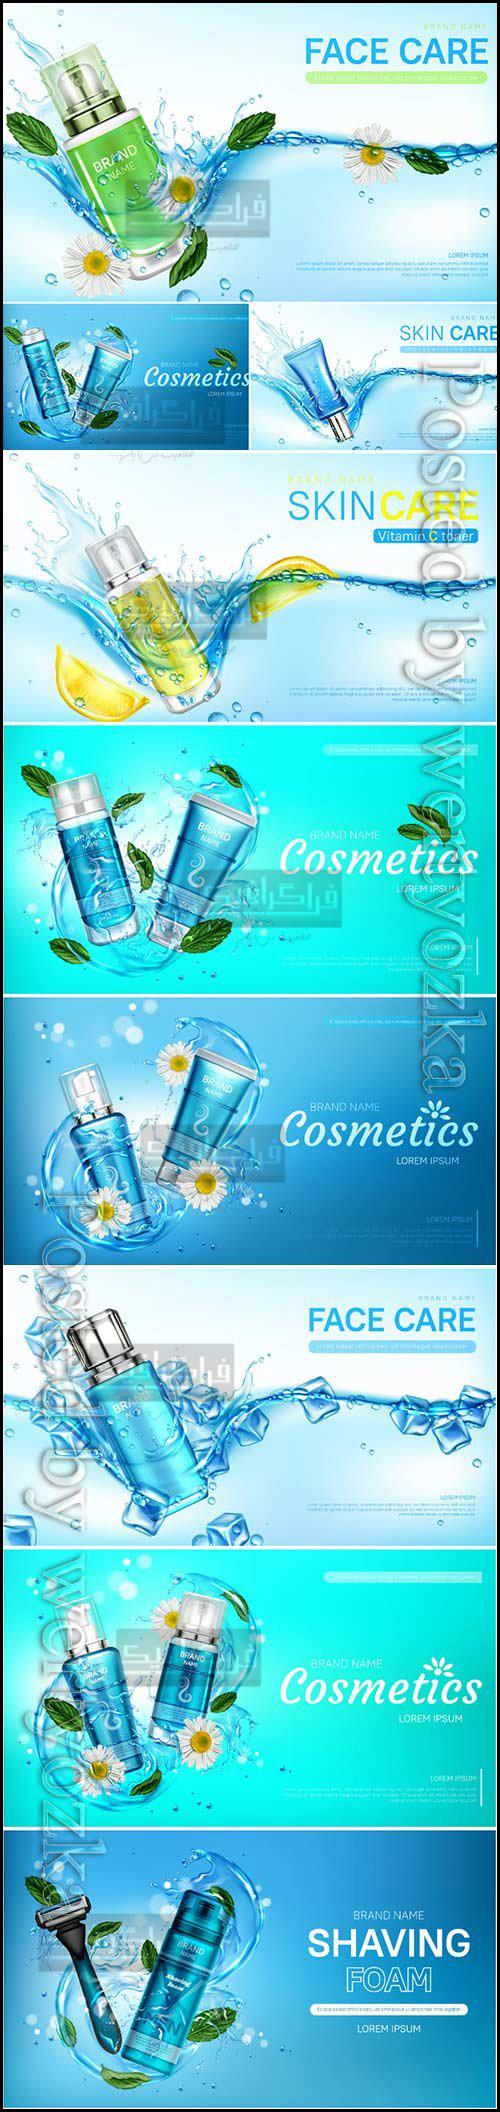 دانلود وکتور های تبلیغاتی محصولات آرایشی و بهداشتی - شماره 5